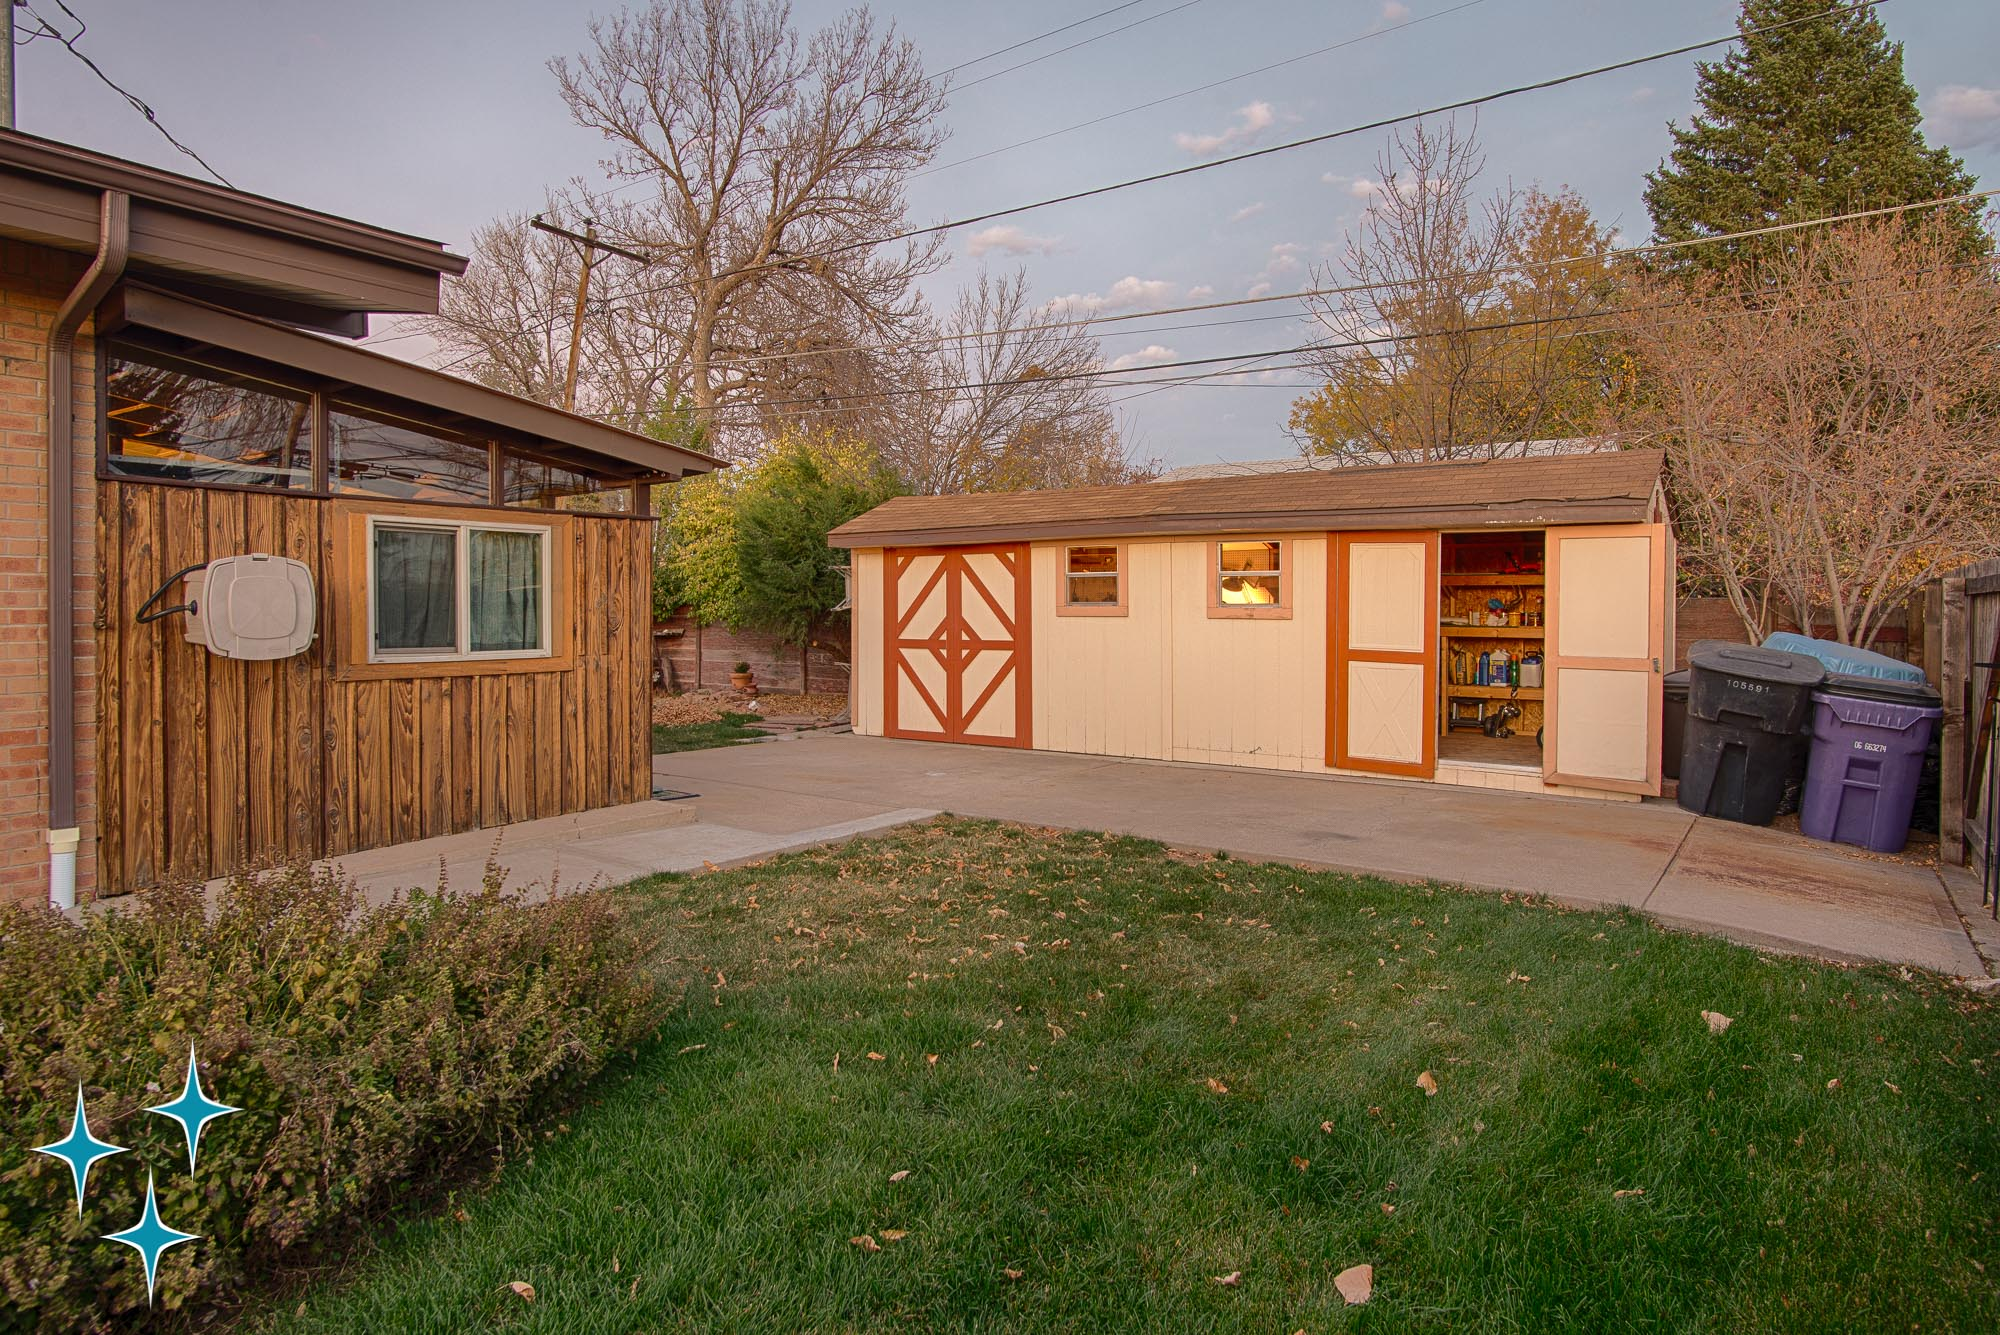 Adrian-Kinney-4155-W-Iliff-Avenue-Denver-r-Carey-Holiday-Home-2000w50-3SWM-37.jpg